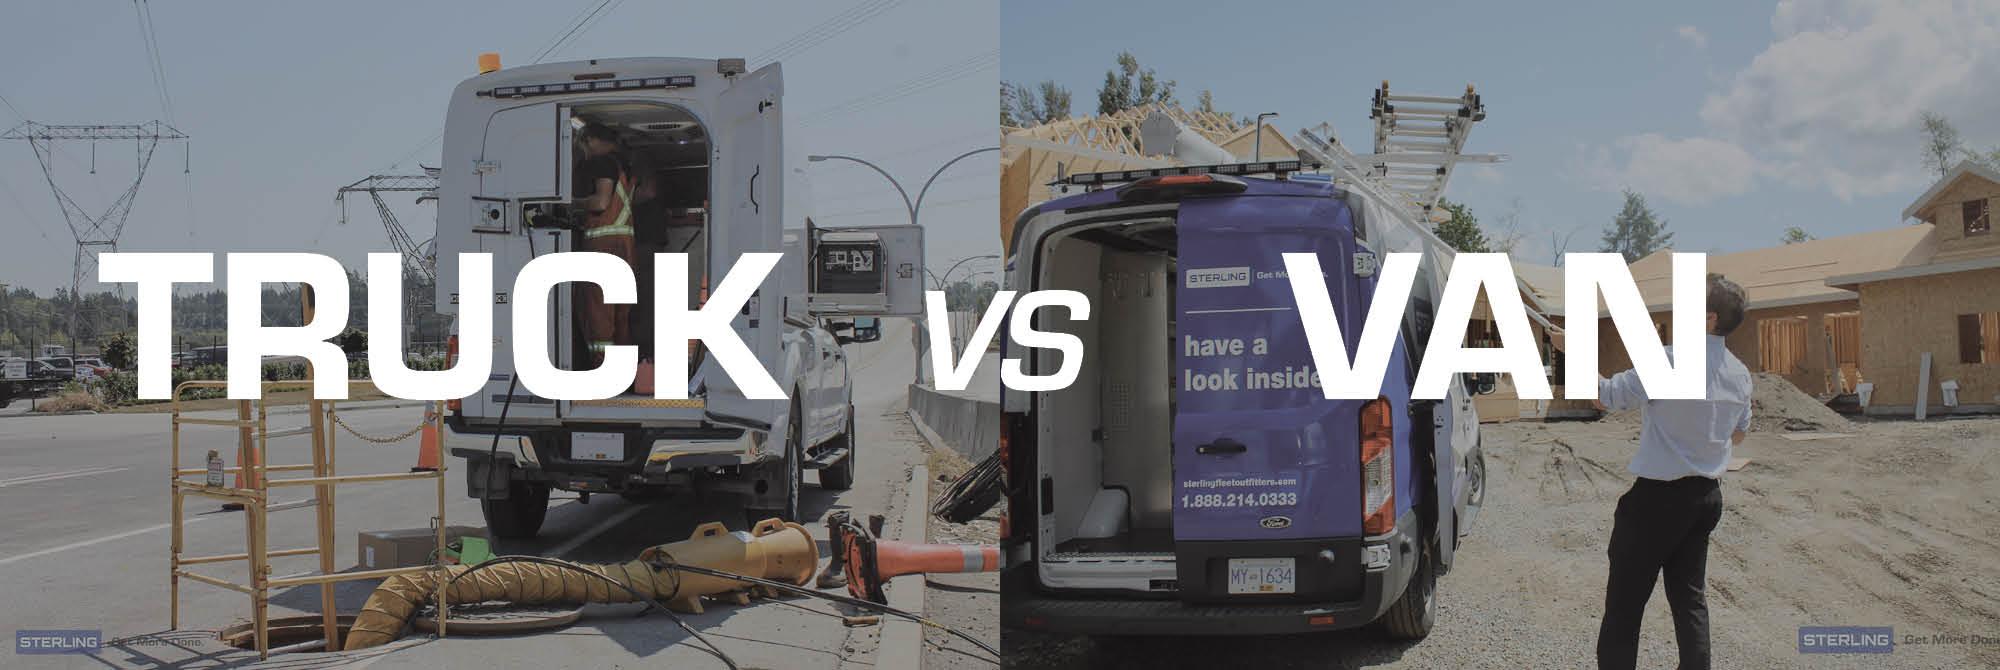 Truck vs Van - What to consider